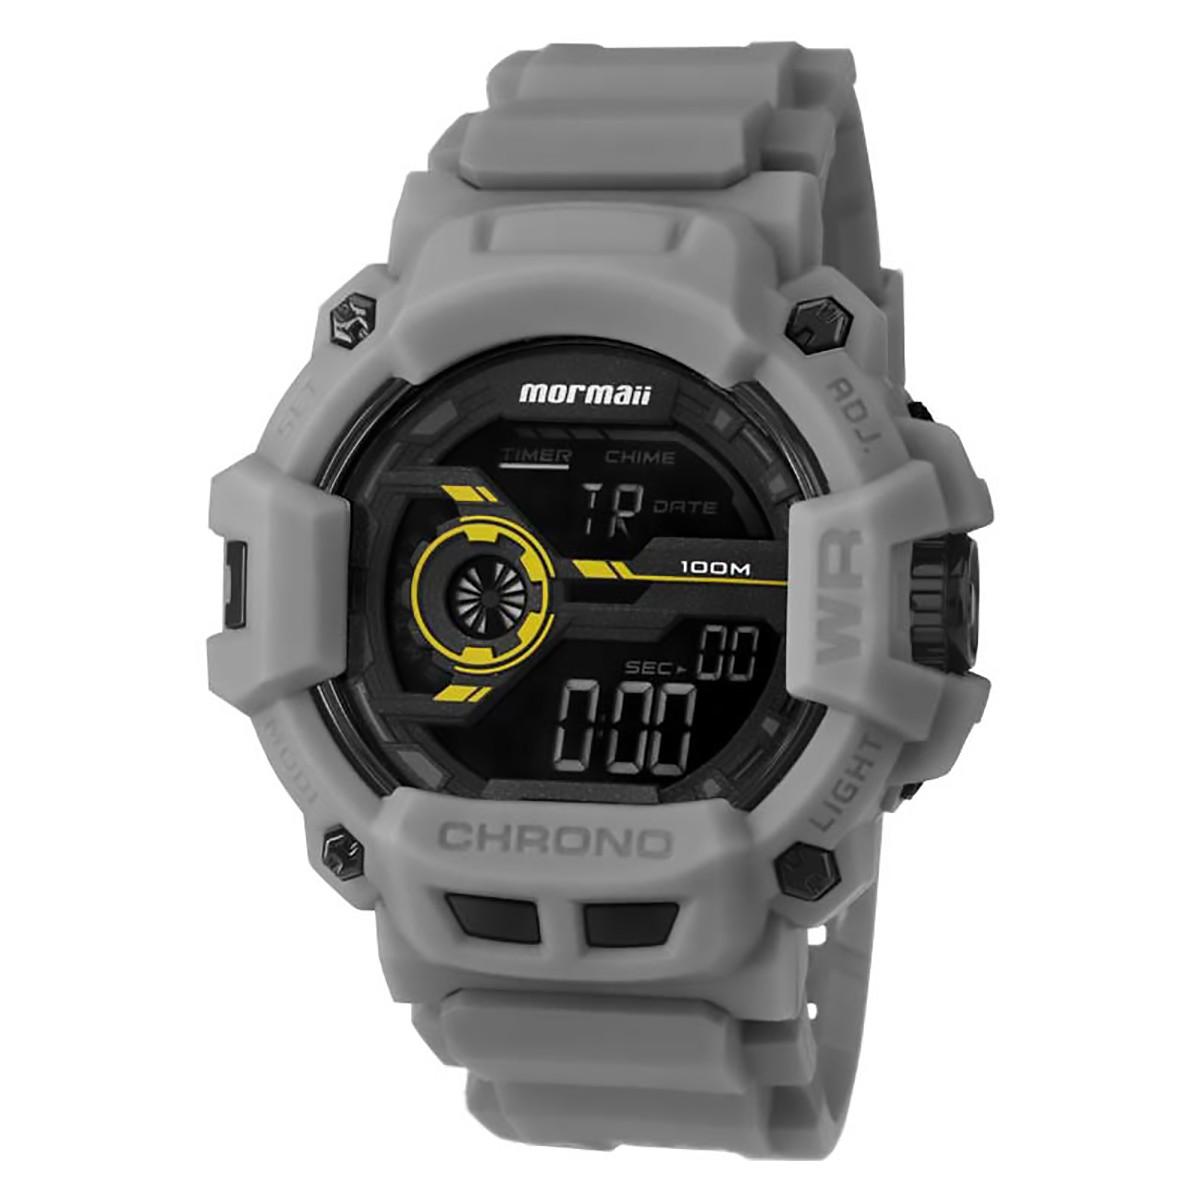 091ffe031ff Compre Relógio Mormaii Acqua Pro Adventure em 10X